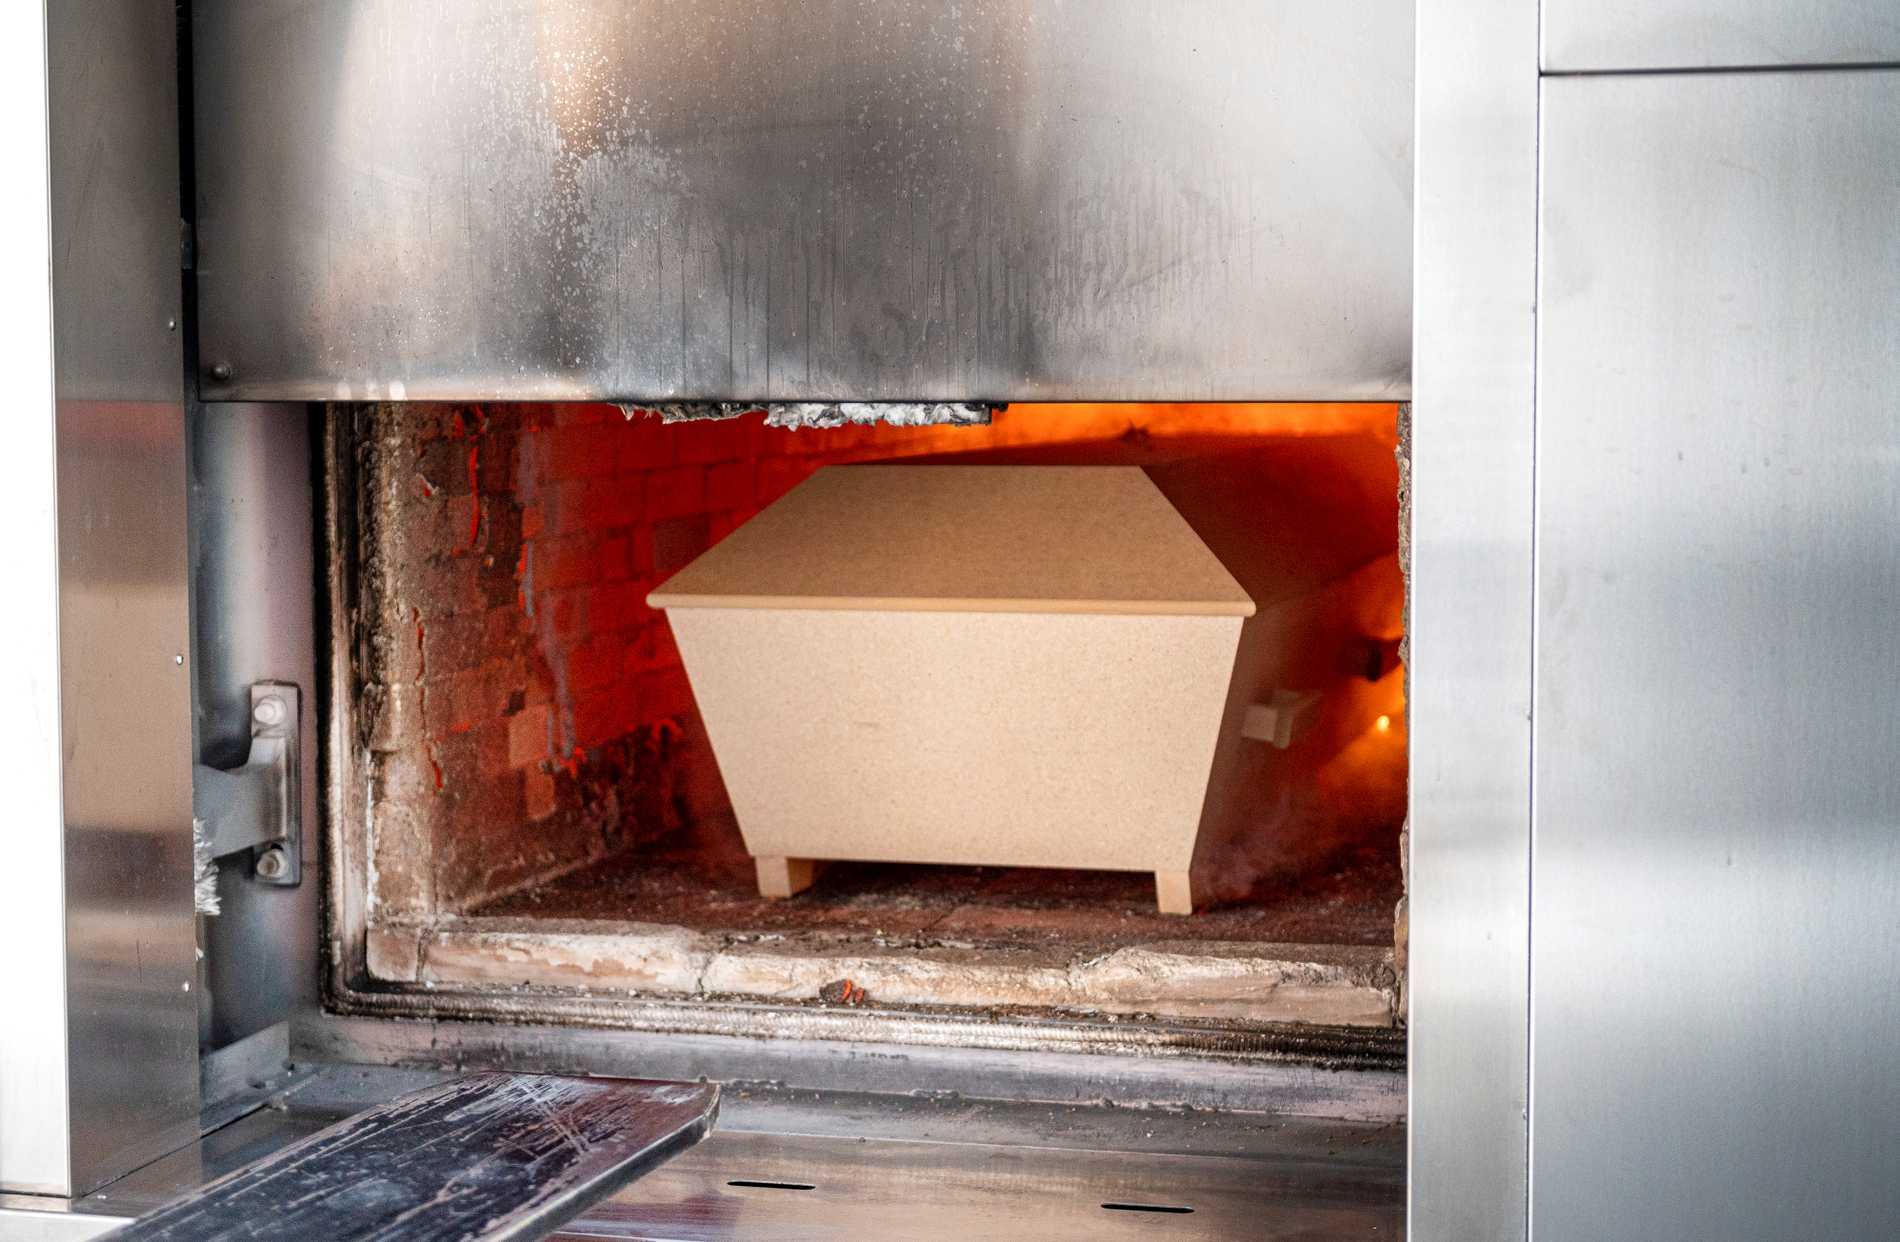 En kista förs in och bränns i ugnen, vid krematoriet på Skogskyrkogården i Stockholm.